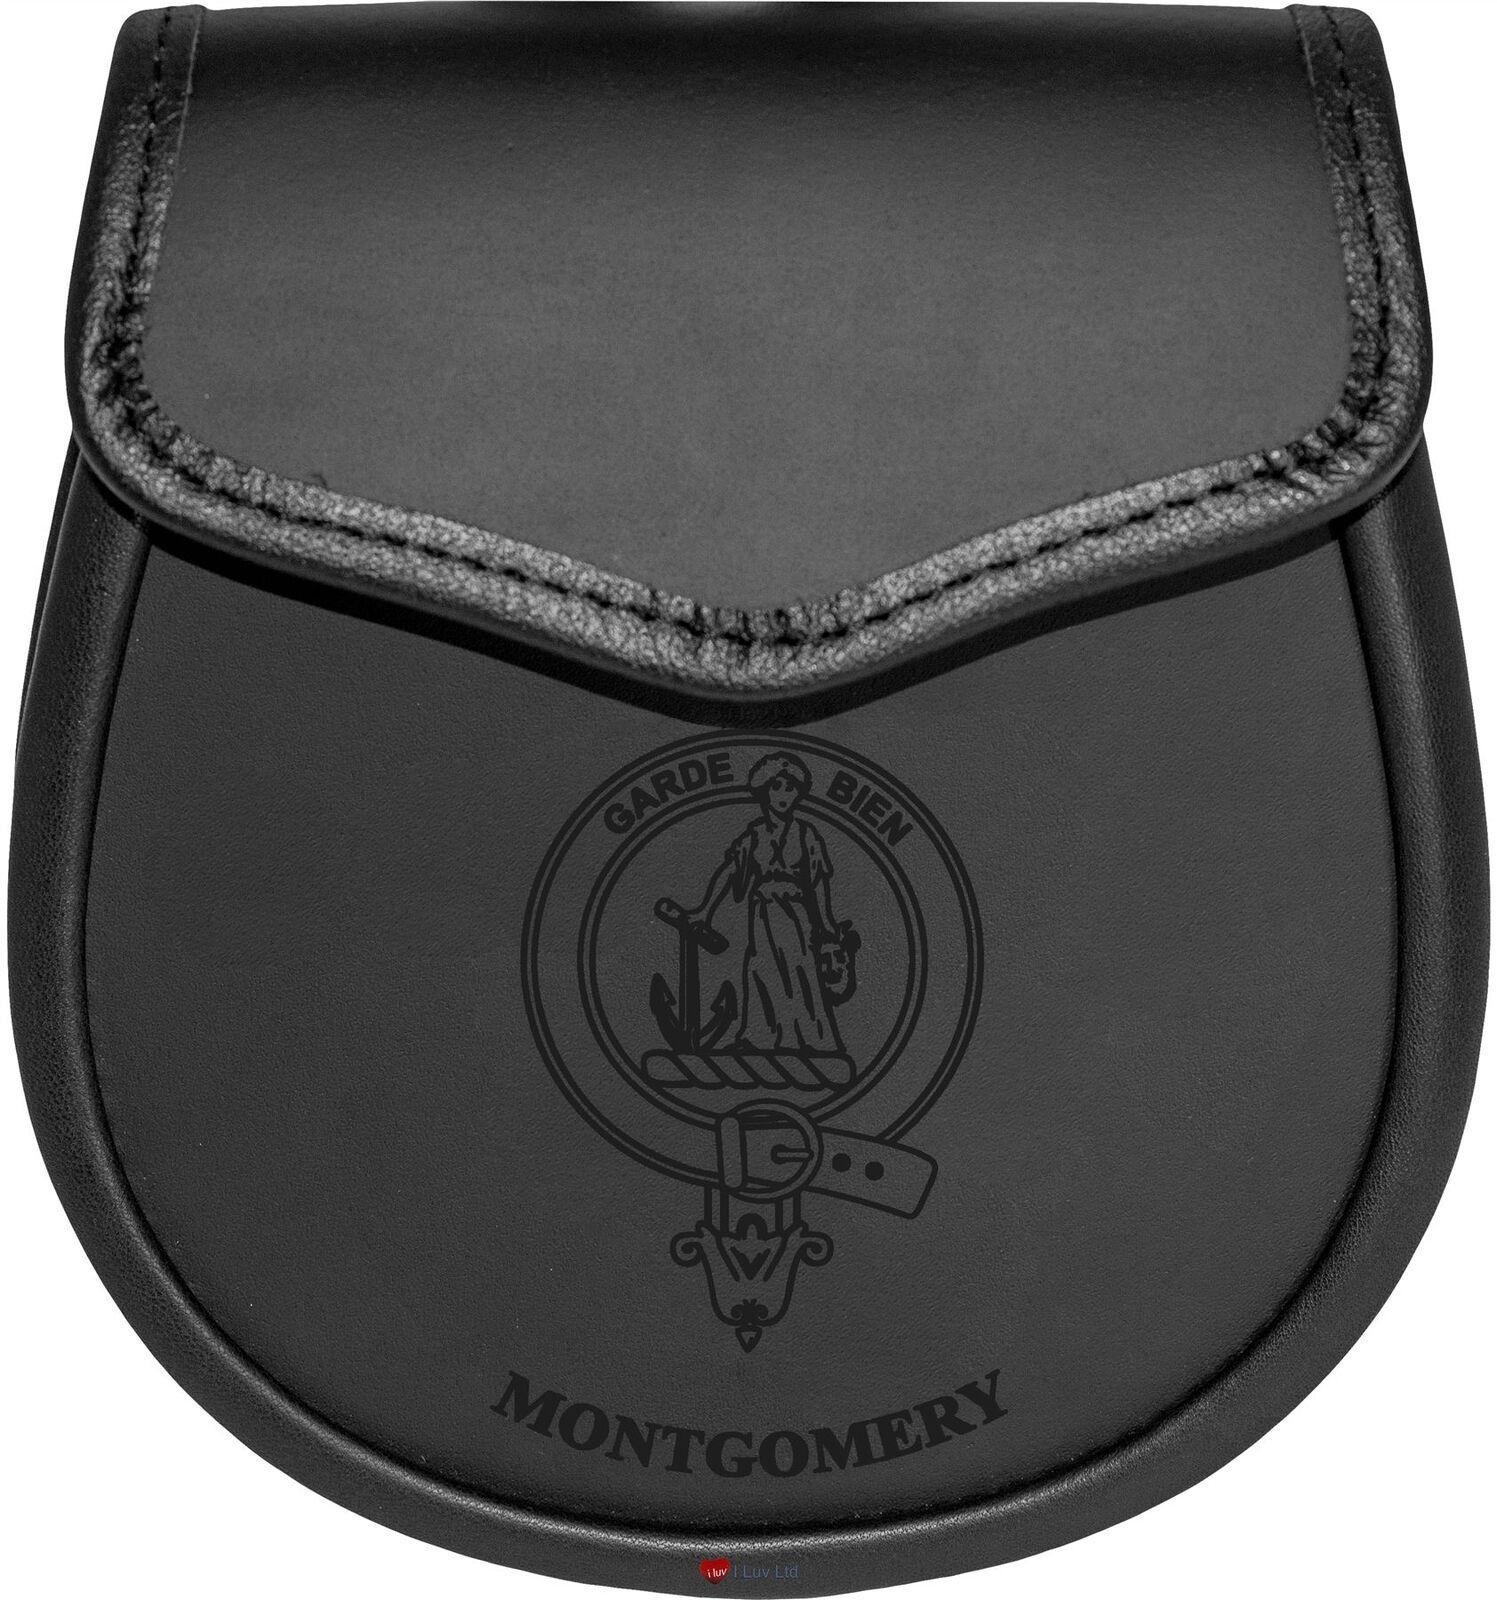 Montgomery Leather Day Sporran Scottish Clan Crest